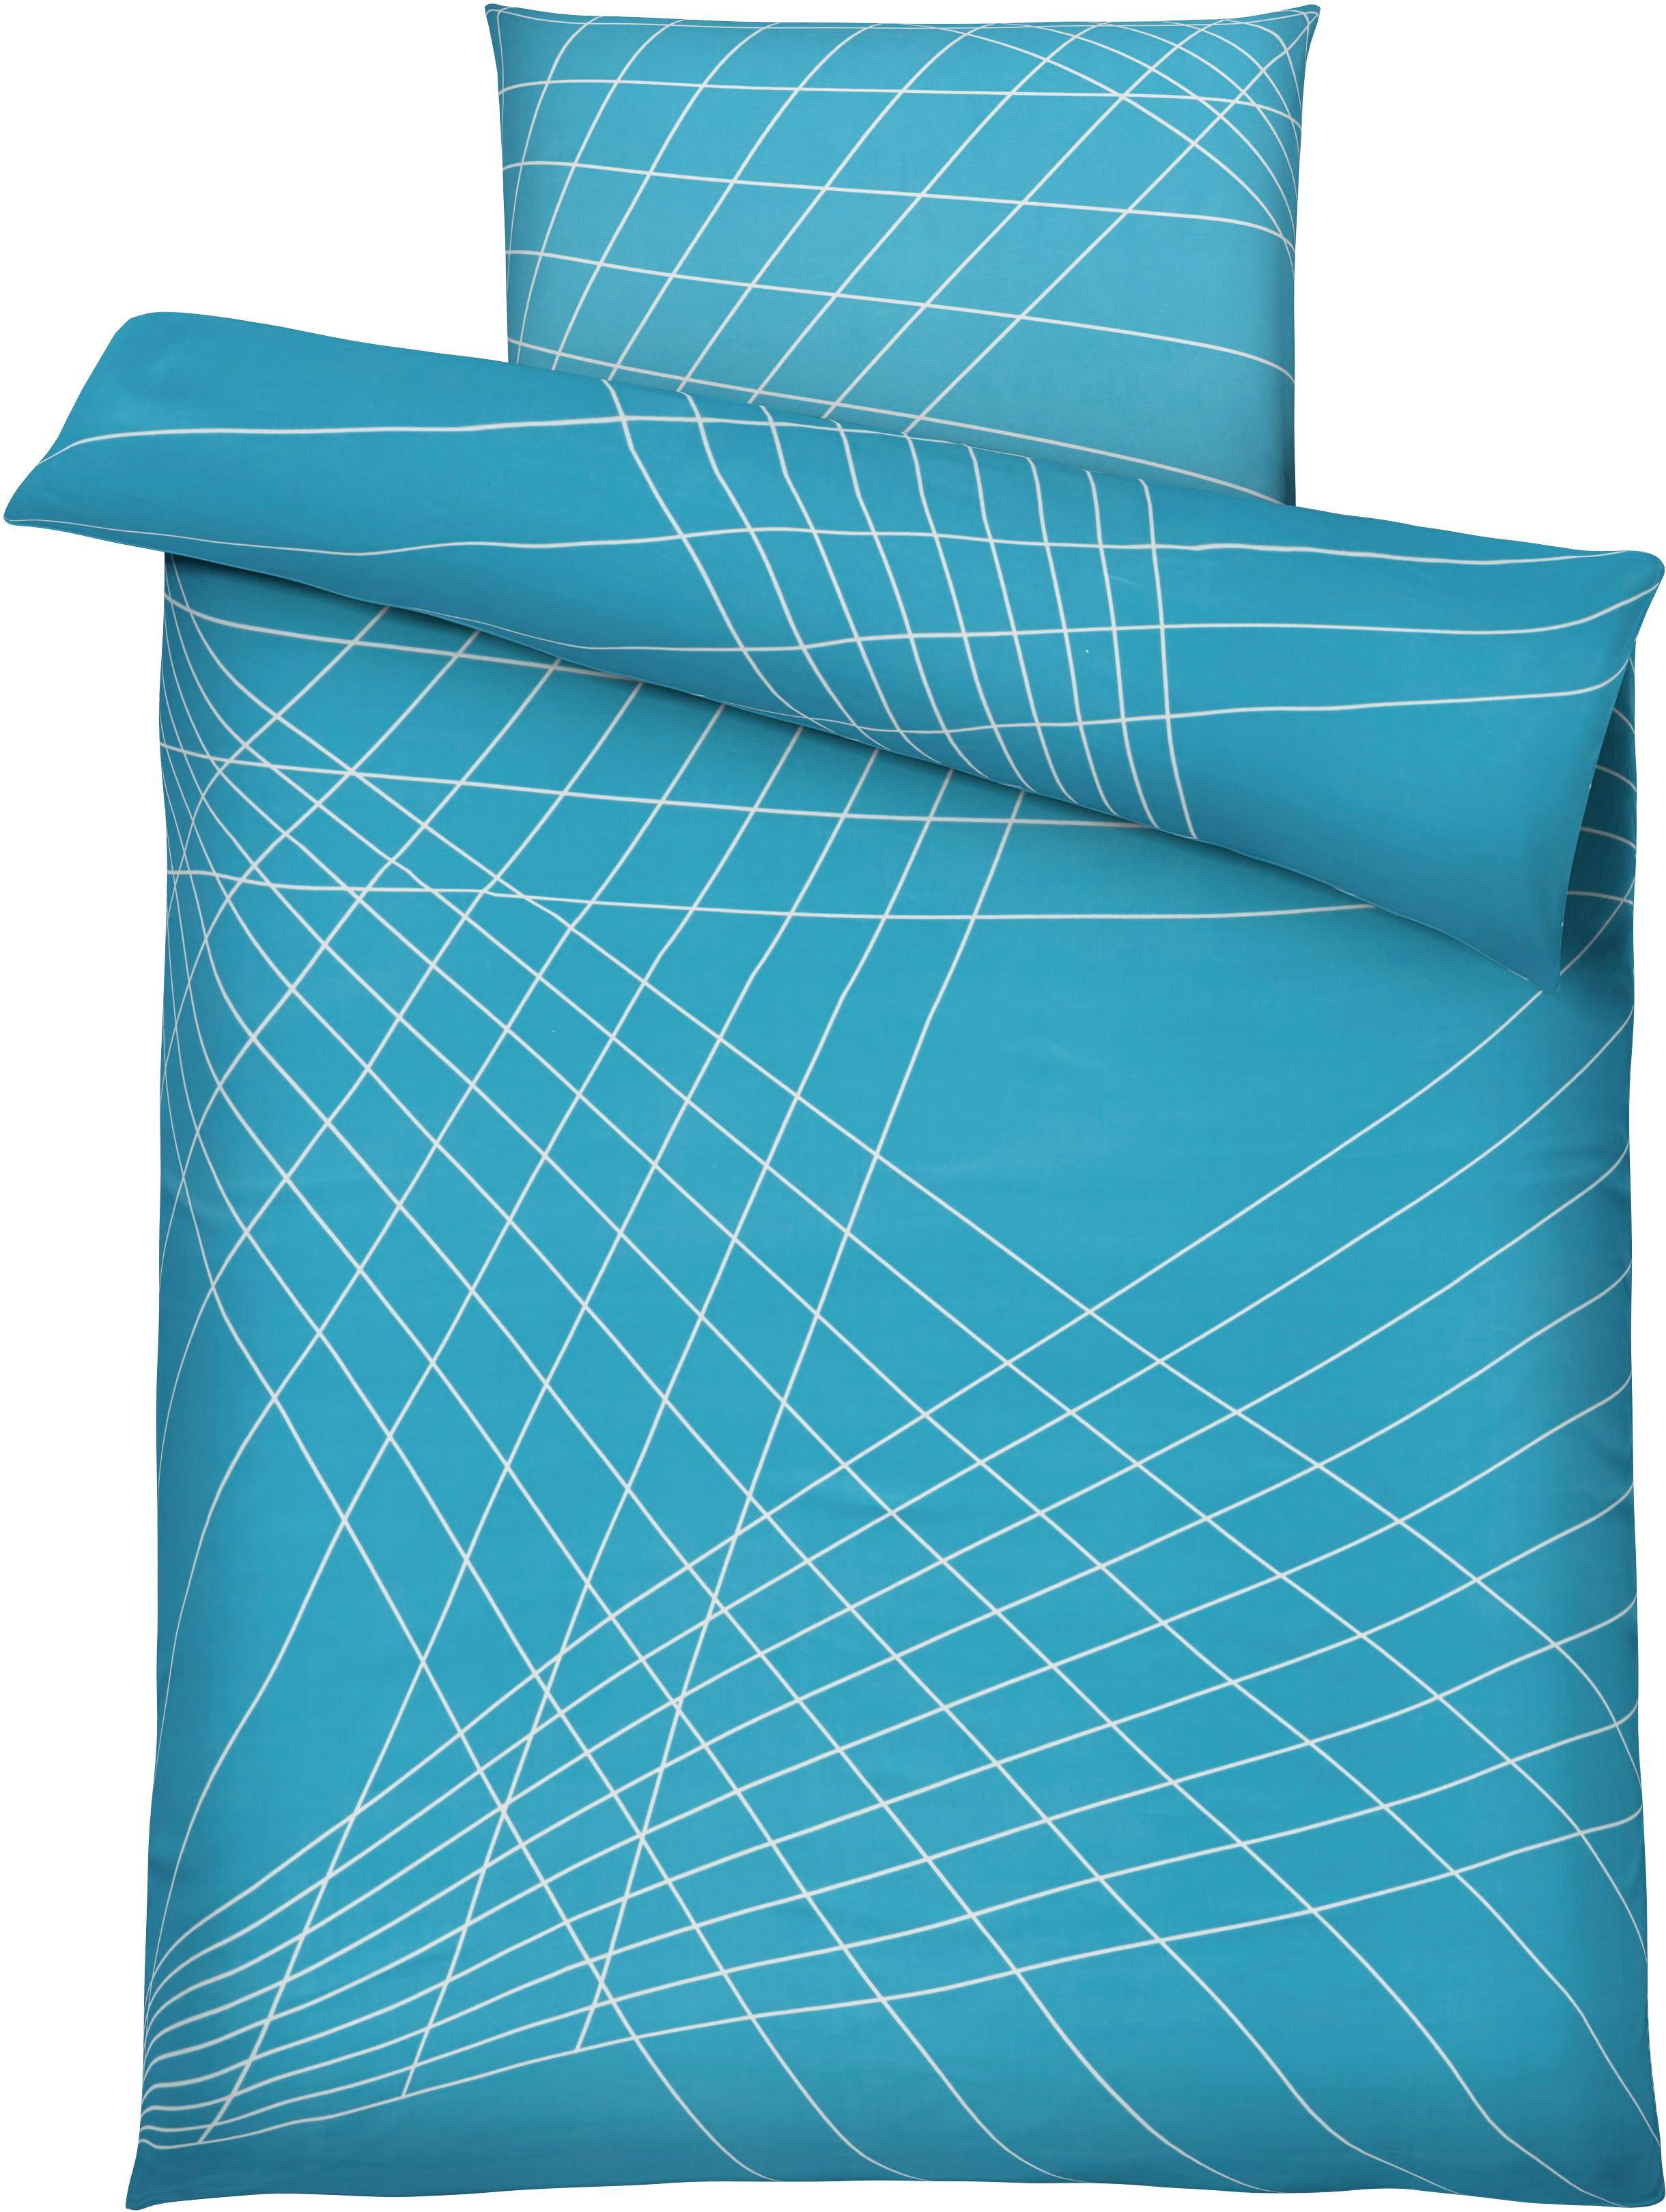 Bettwäsche Spiro in Blau, ca. 135x200cm - Blau, MODERN, Textil - MÖMAX modern living